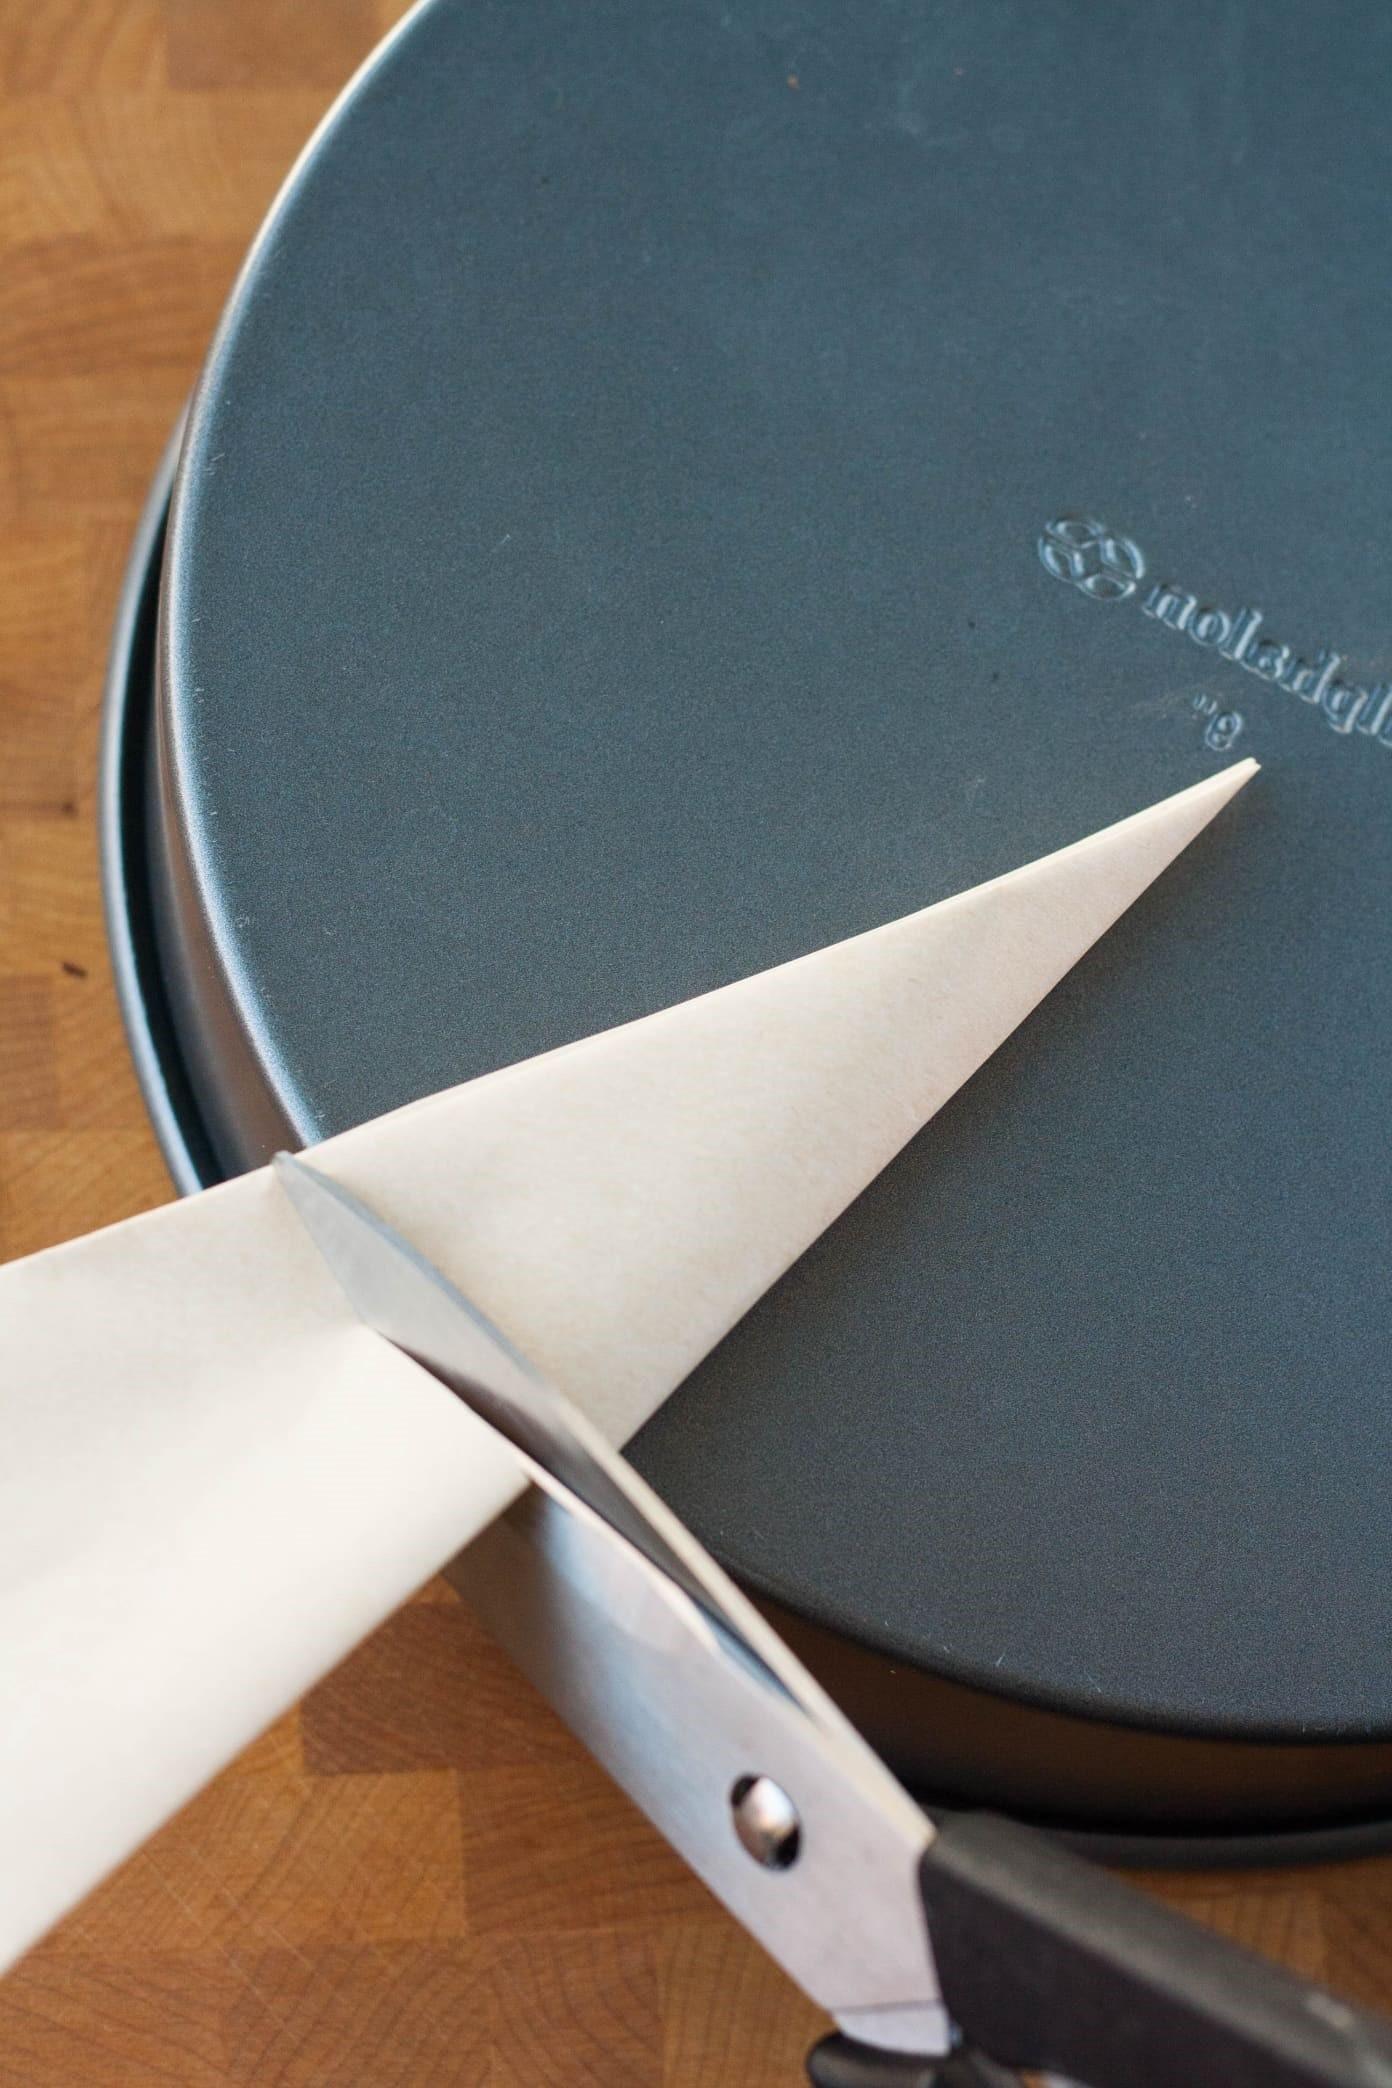 كيفية استخدام ورق الزبدة للكيك- قصي ورق الزبدة